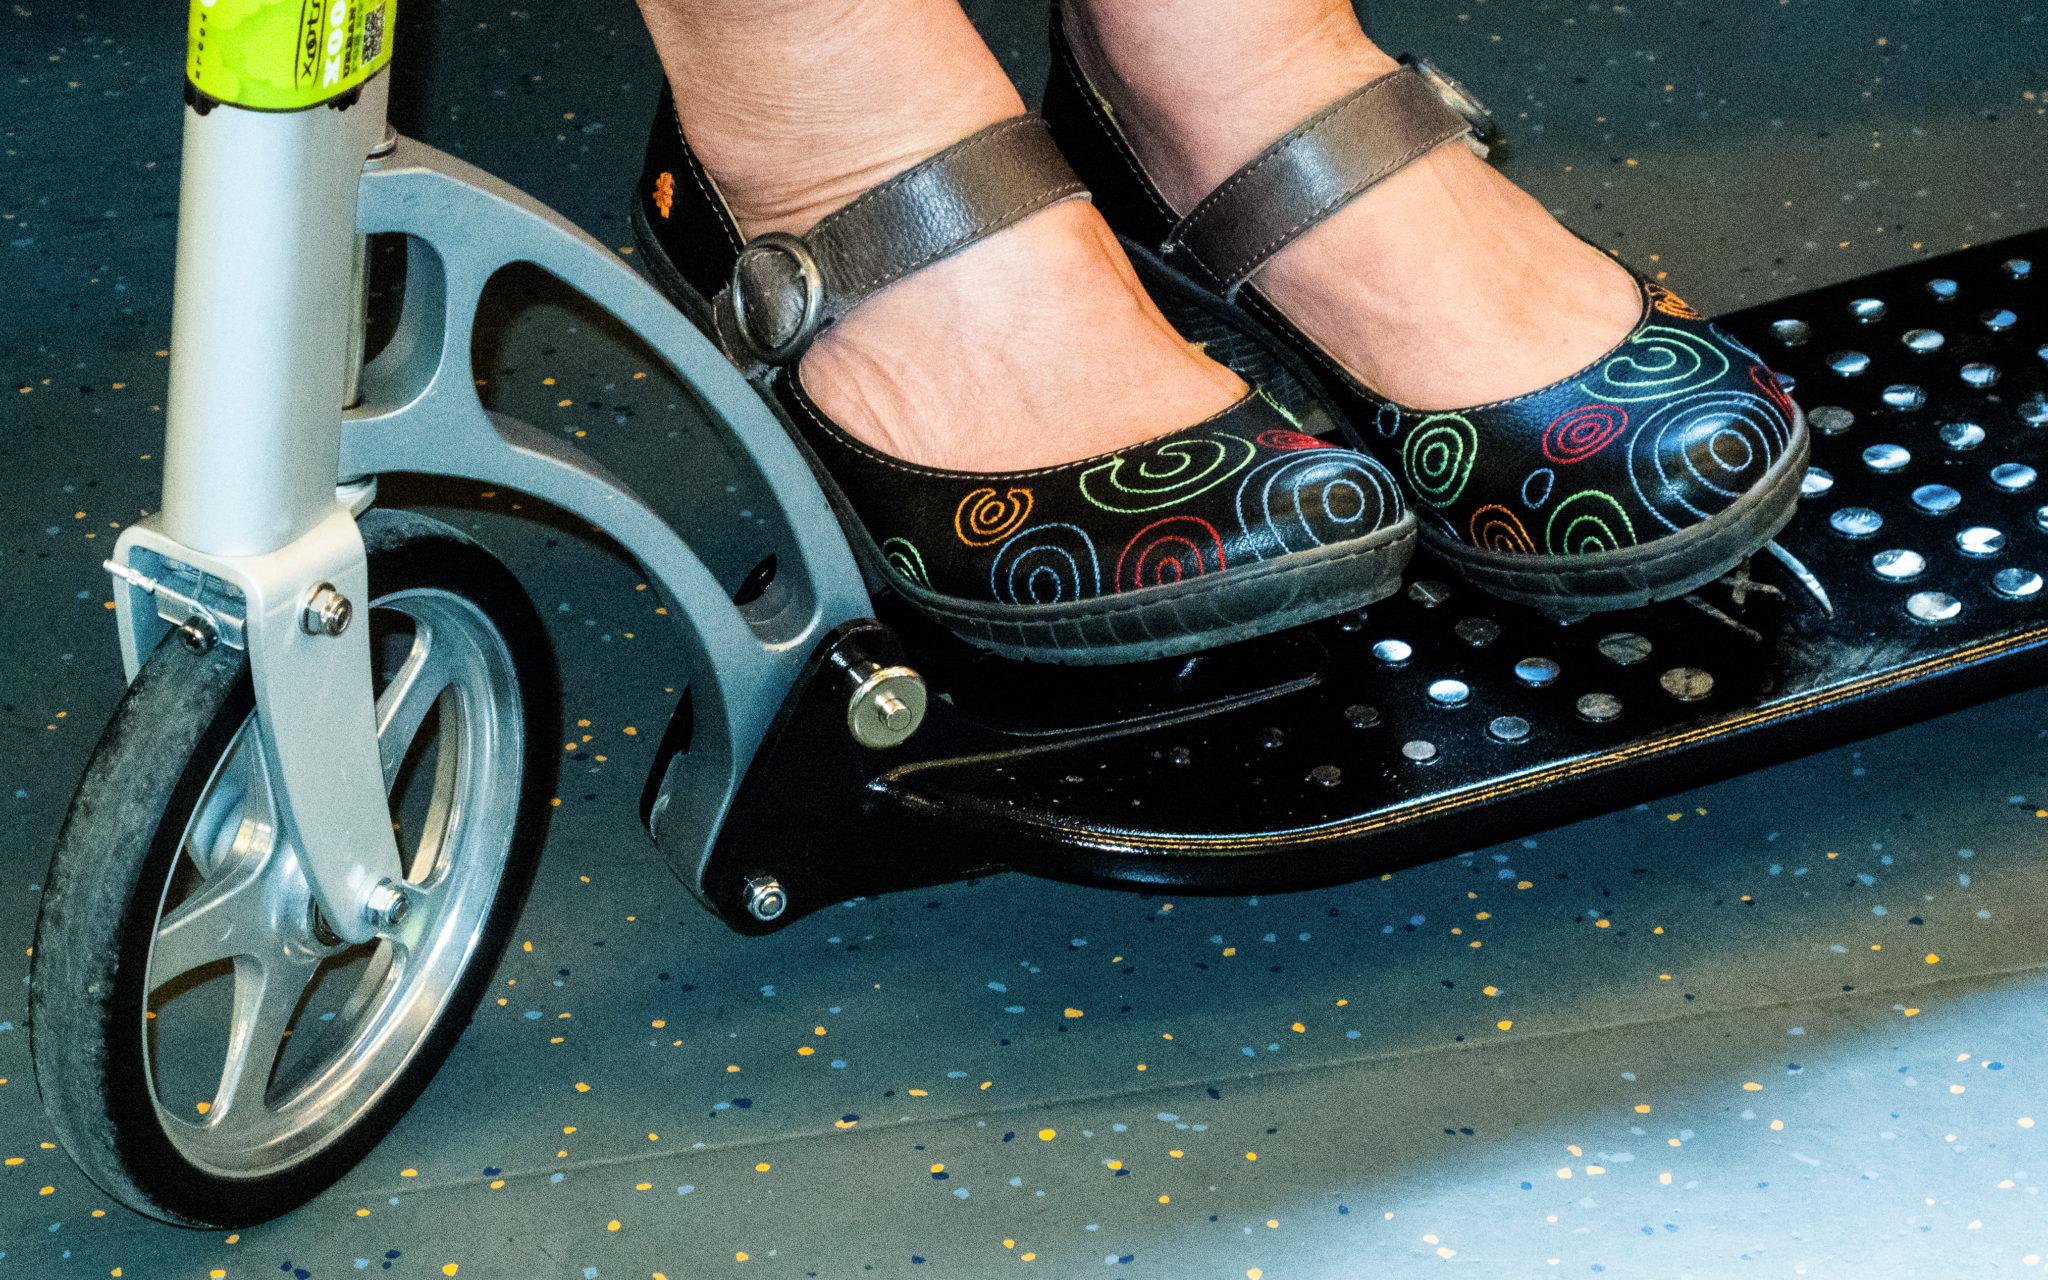 Sparkesykkel med plass til beina